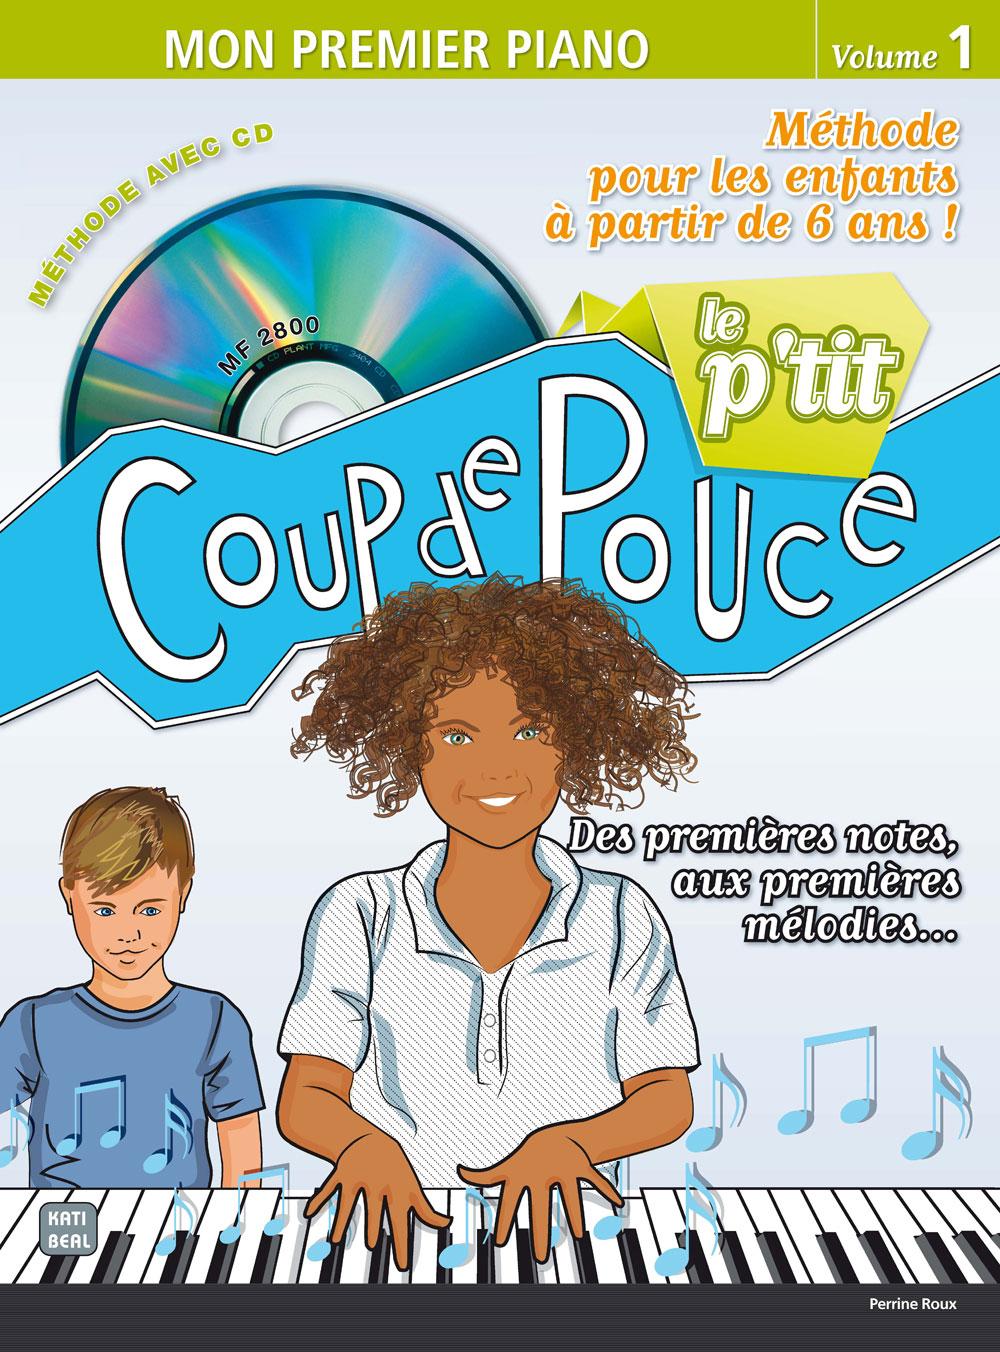 Librairie - METHODES -  - Méthode Coup de Pouce piano  - Royez Musik